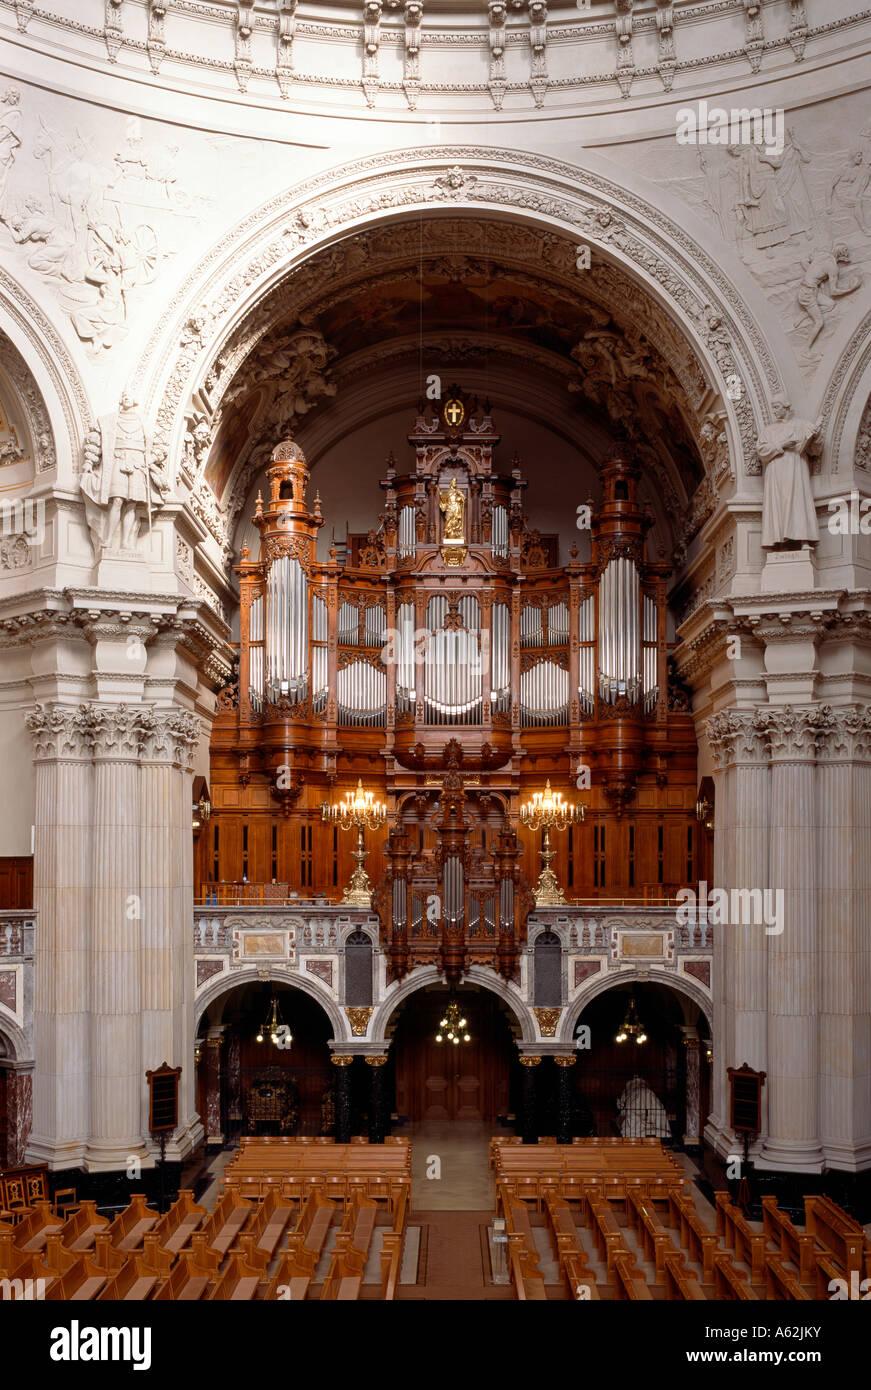 Berlin, Dom, Orgel von Wilhelm Sauer - Stock Image